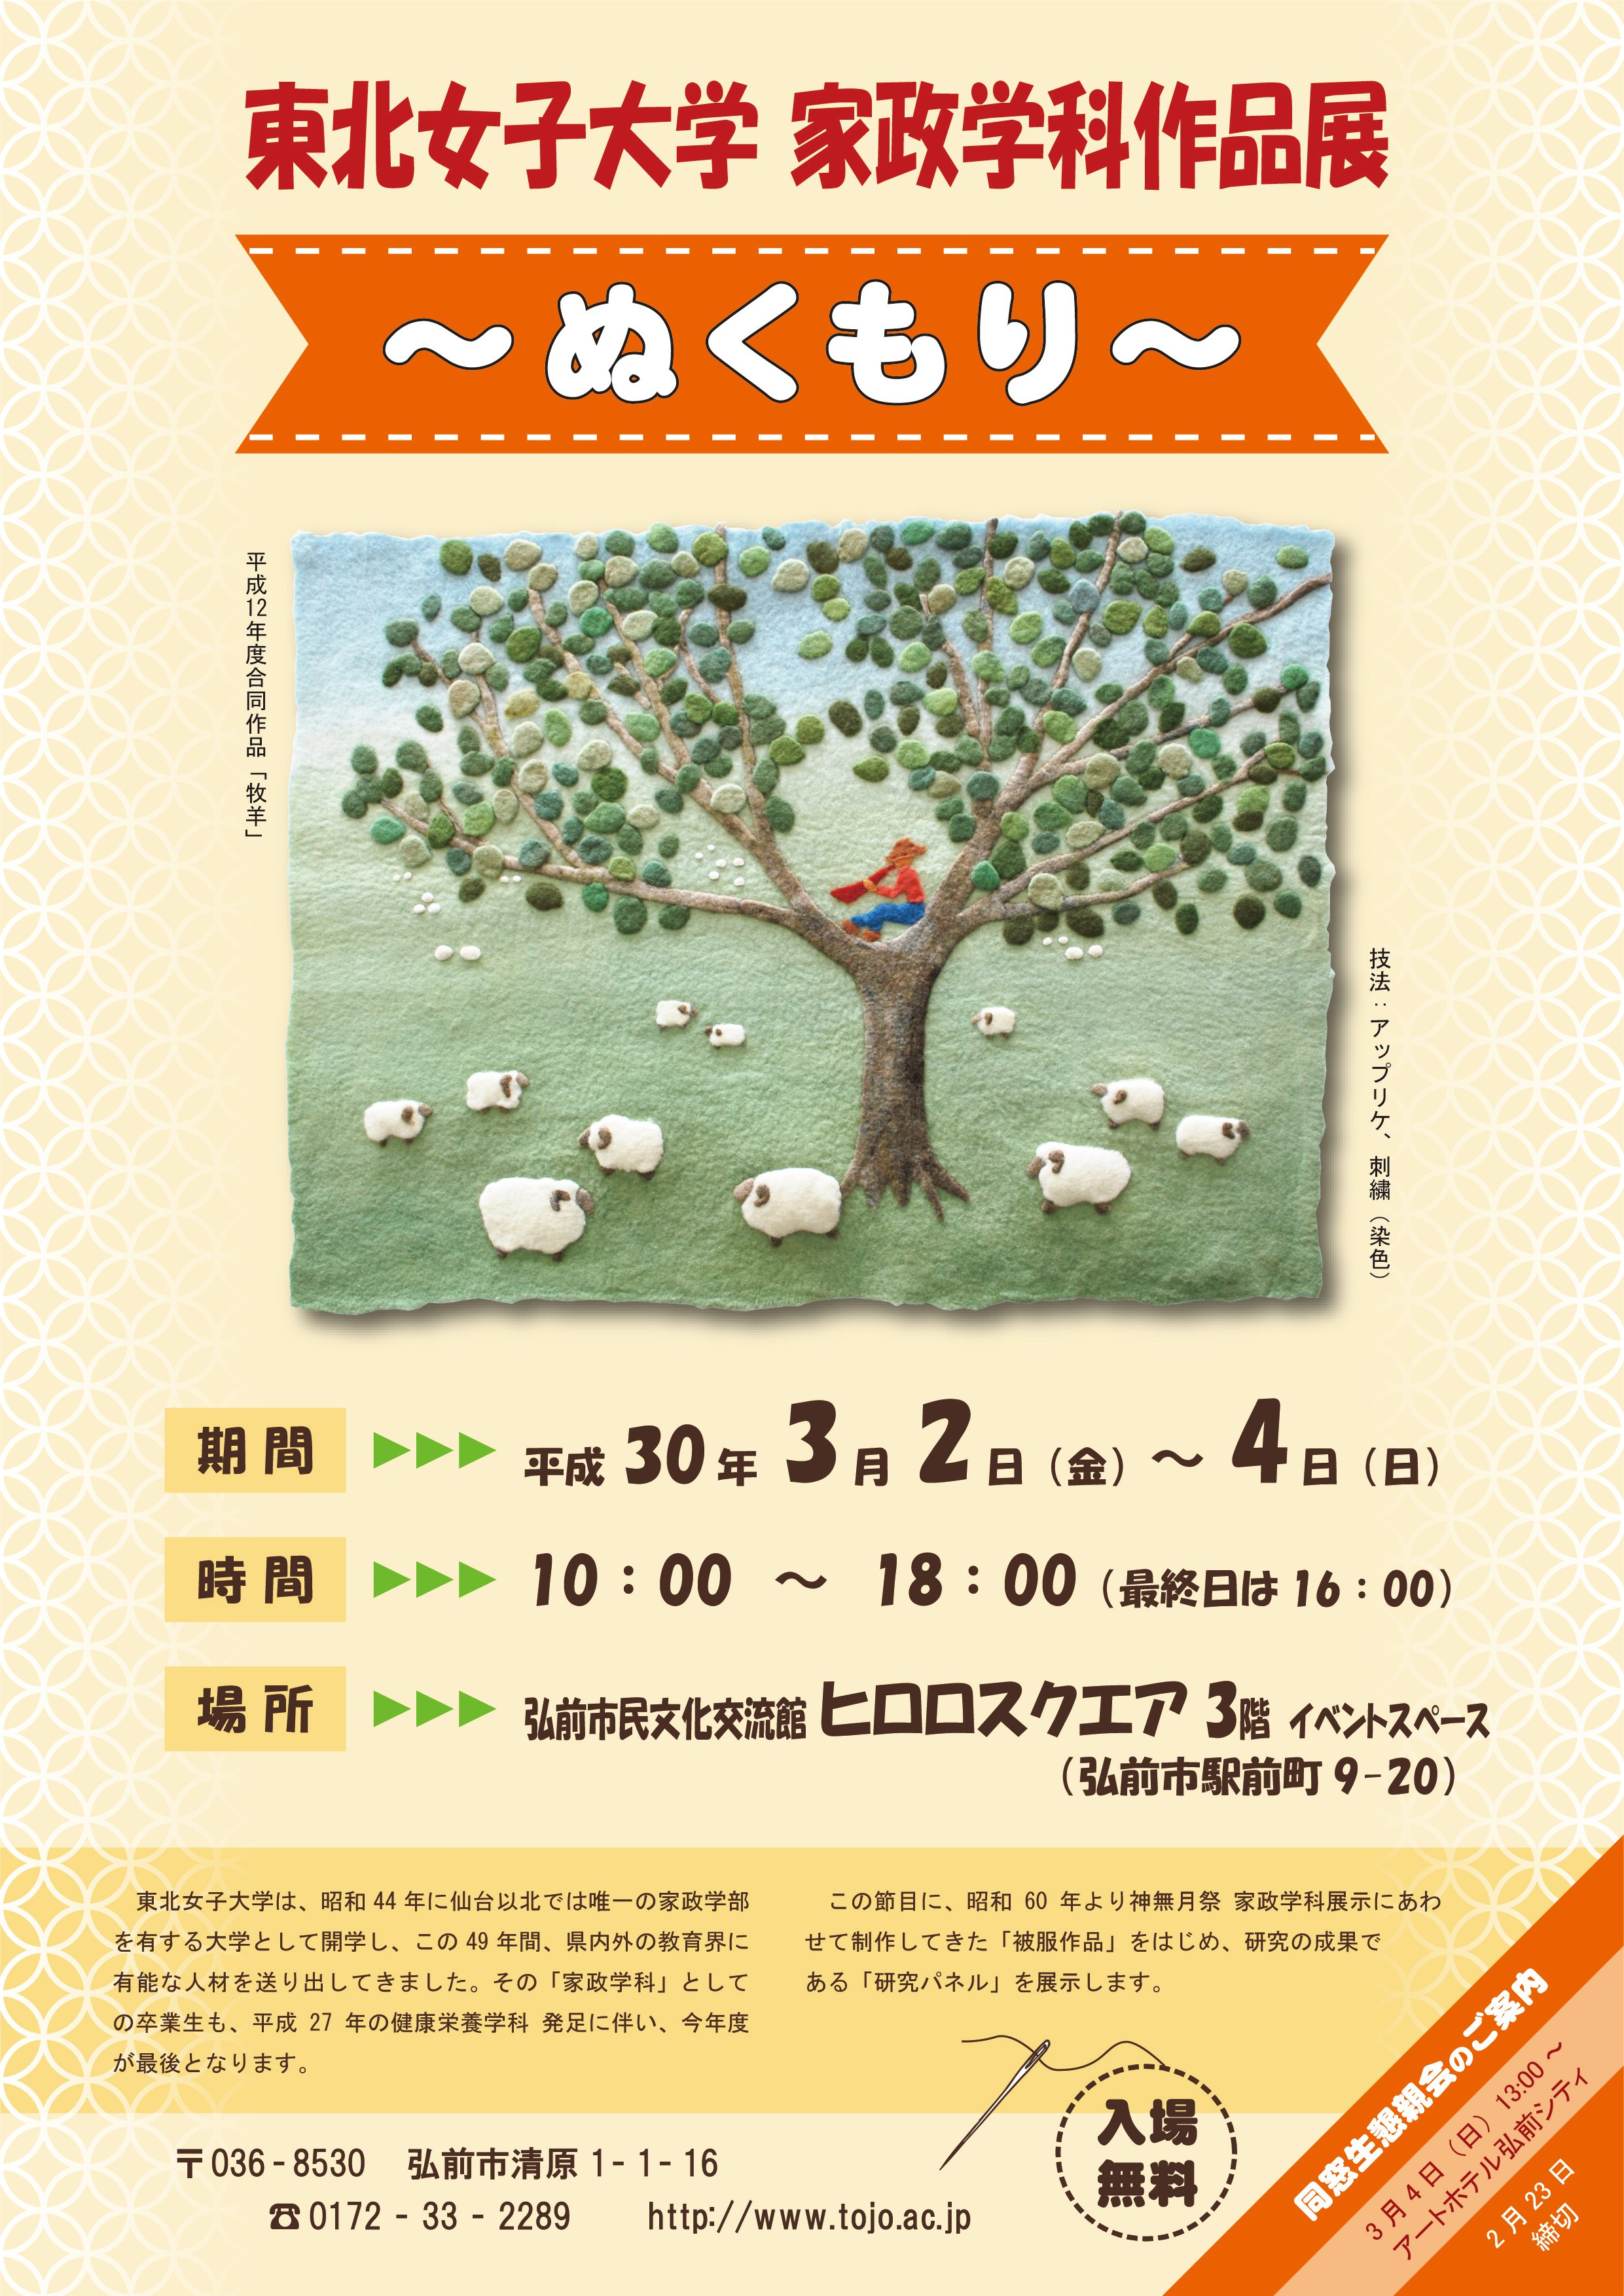 東北女子大学家政学科作品展~ぬくもり~ イベントカレンダー 弘前 ...